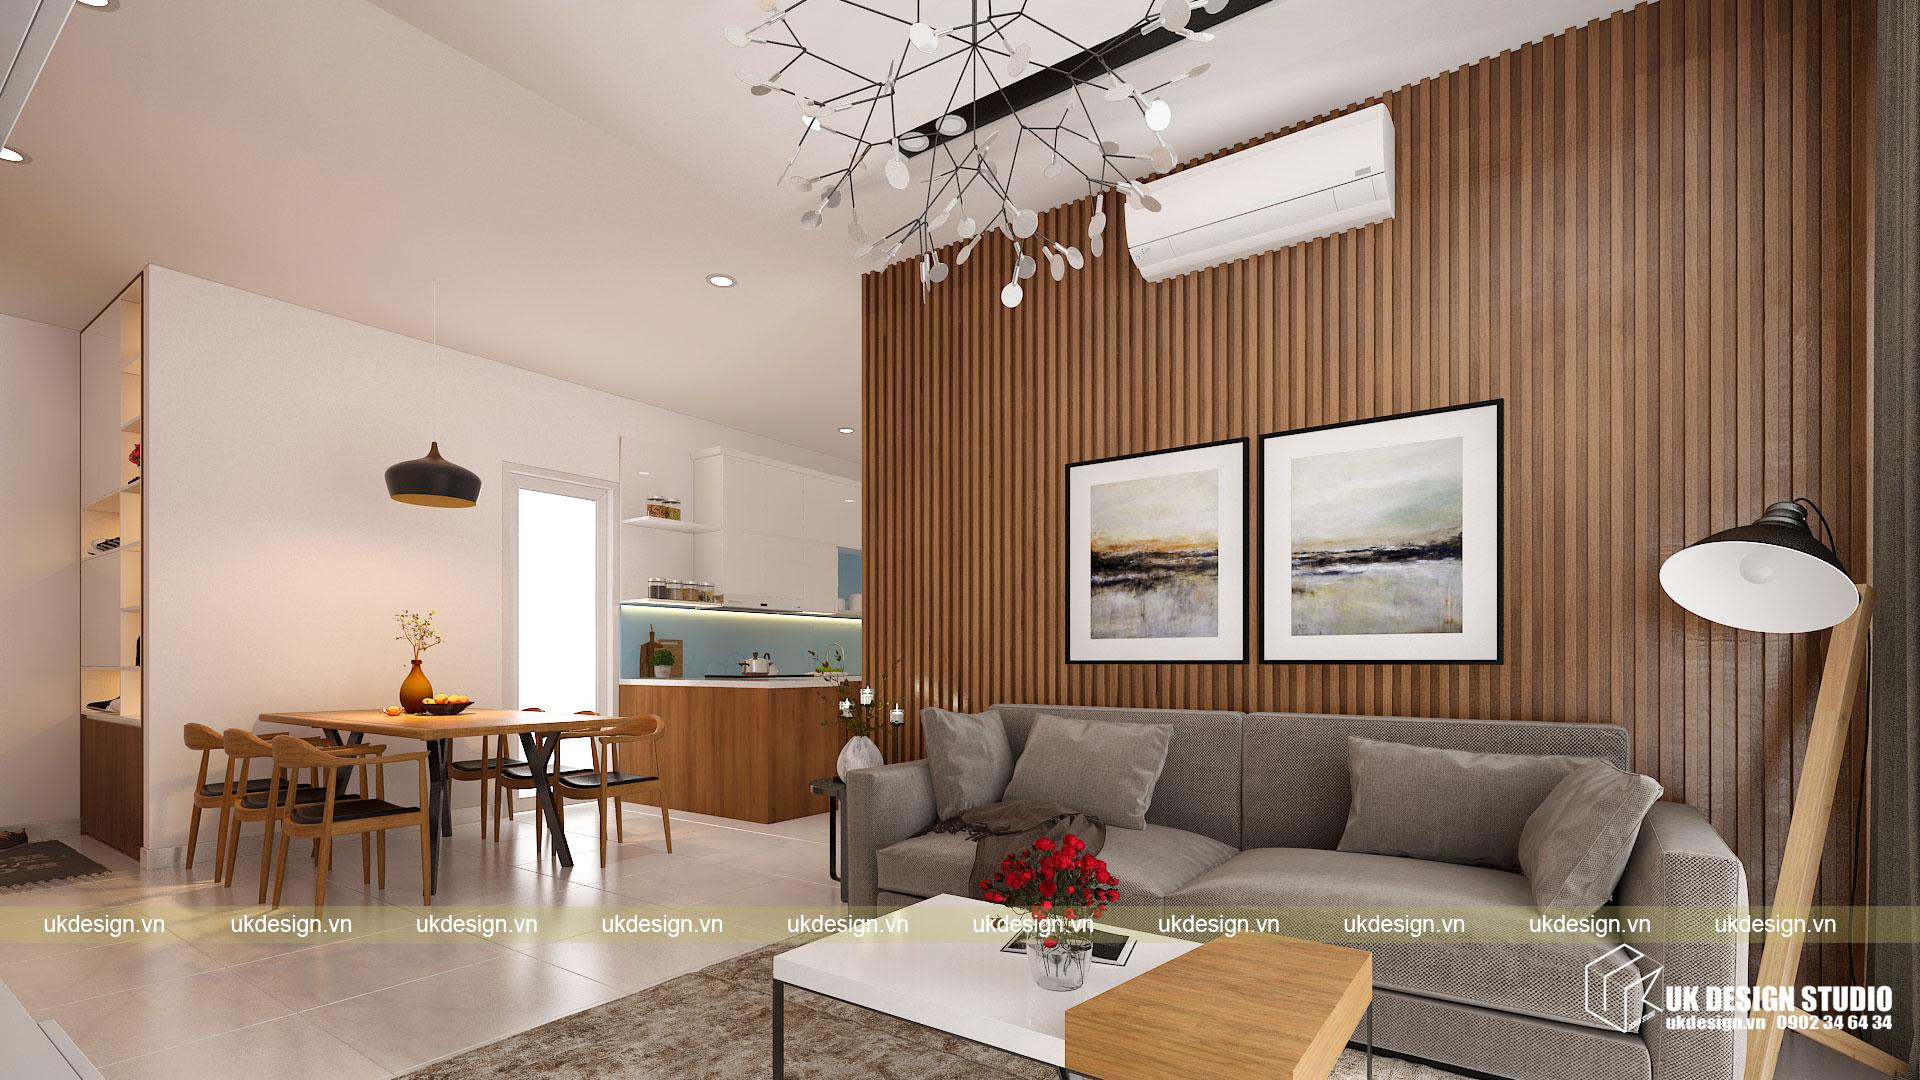 Thiết kế nội thất căn hộ 60m2 Hưng Lộc Phát 6